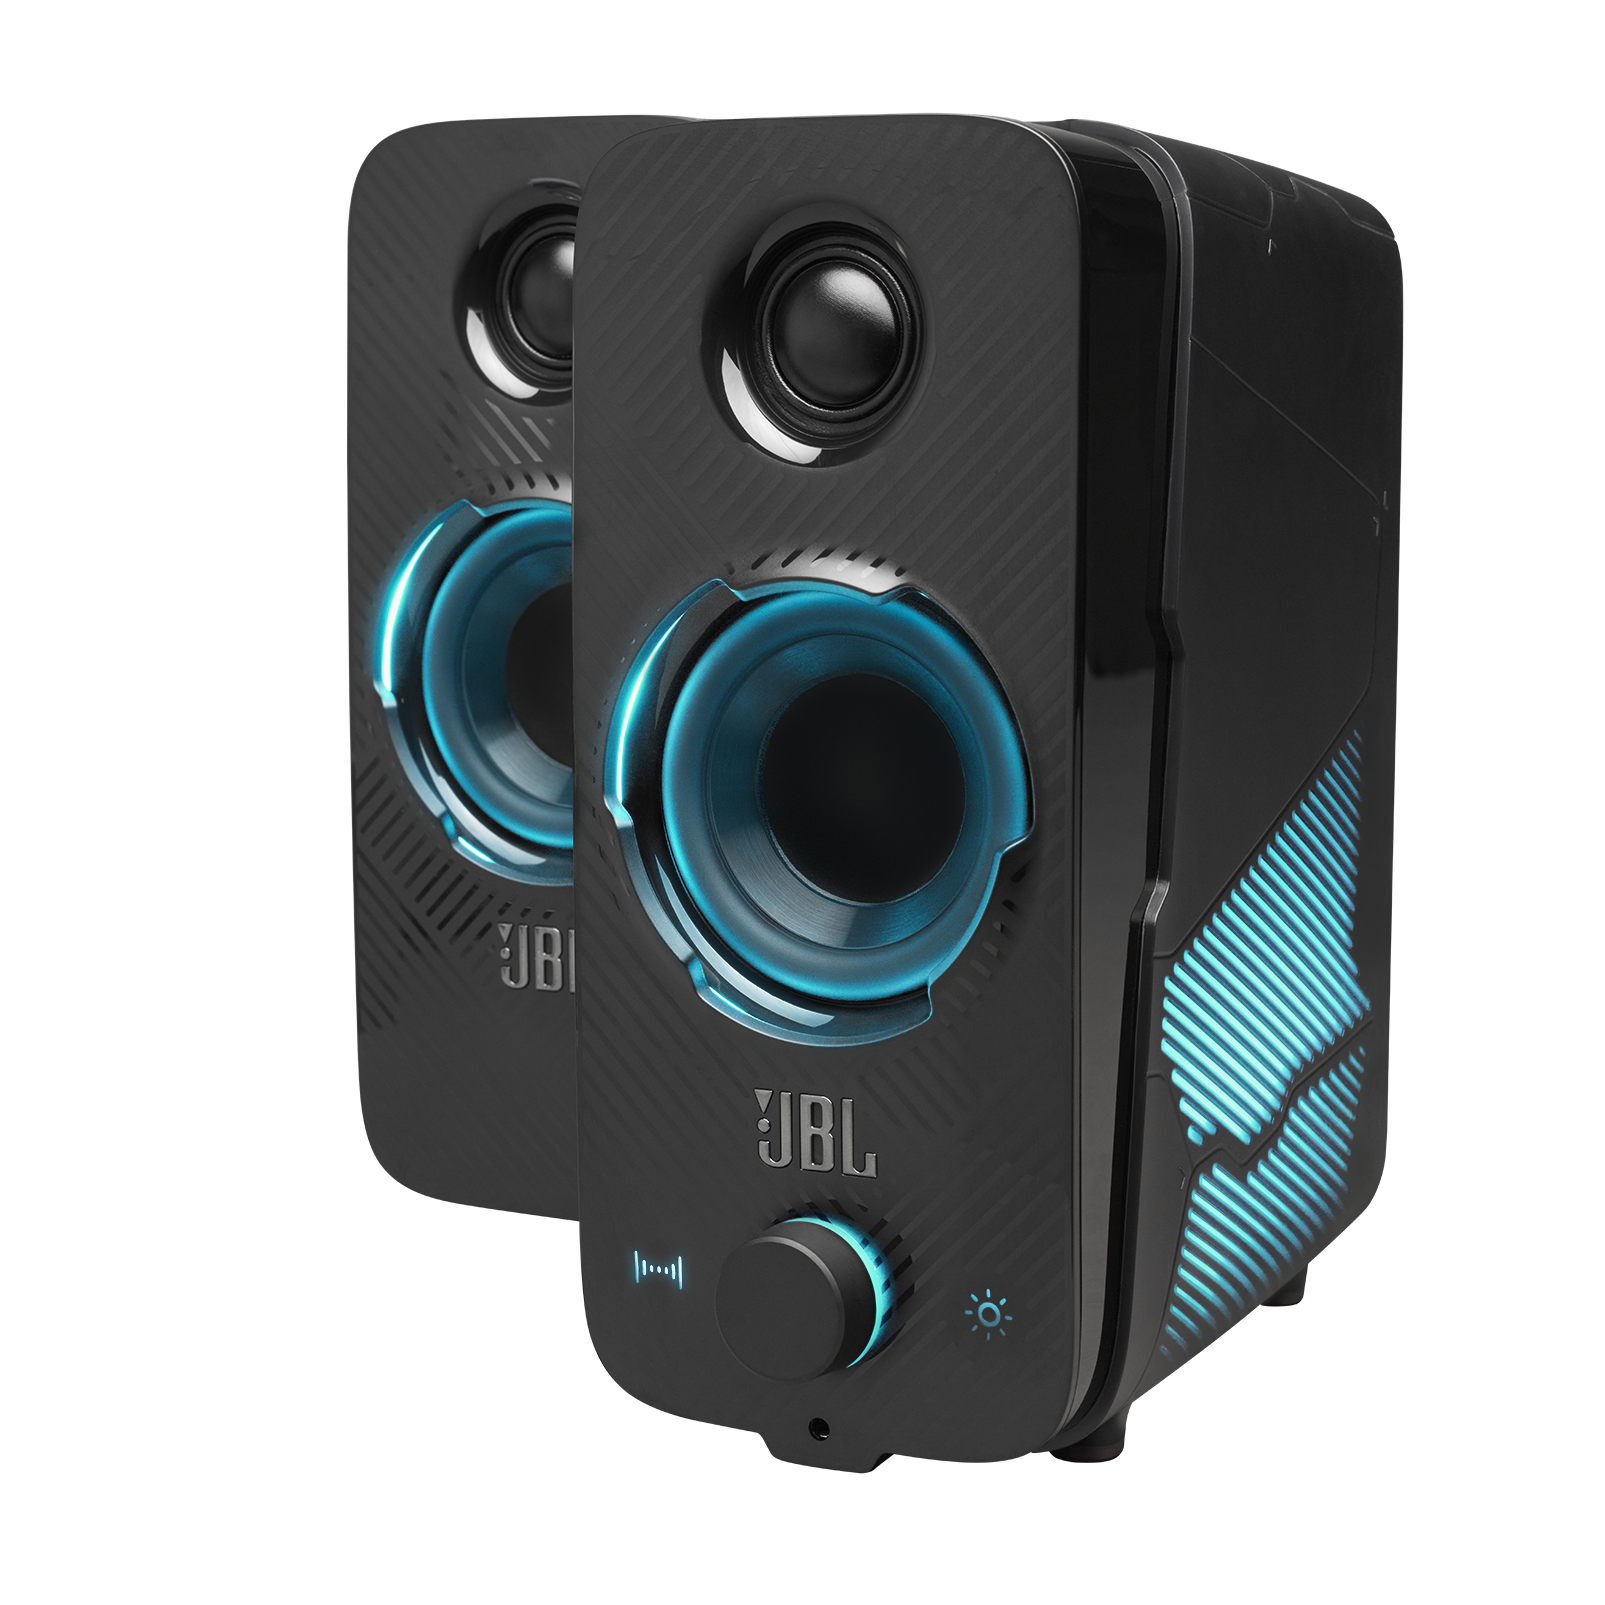 JBL Quantum Duo - Black Matte - PC Gaming Speakers - Detailshot 2